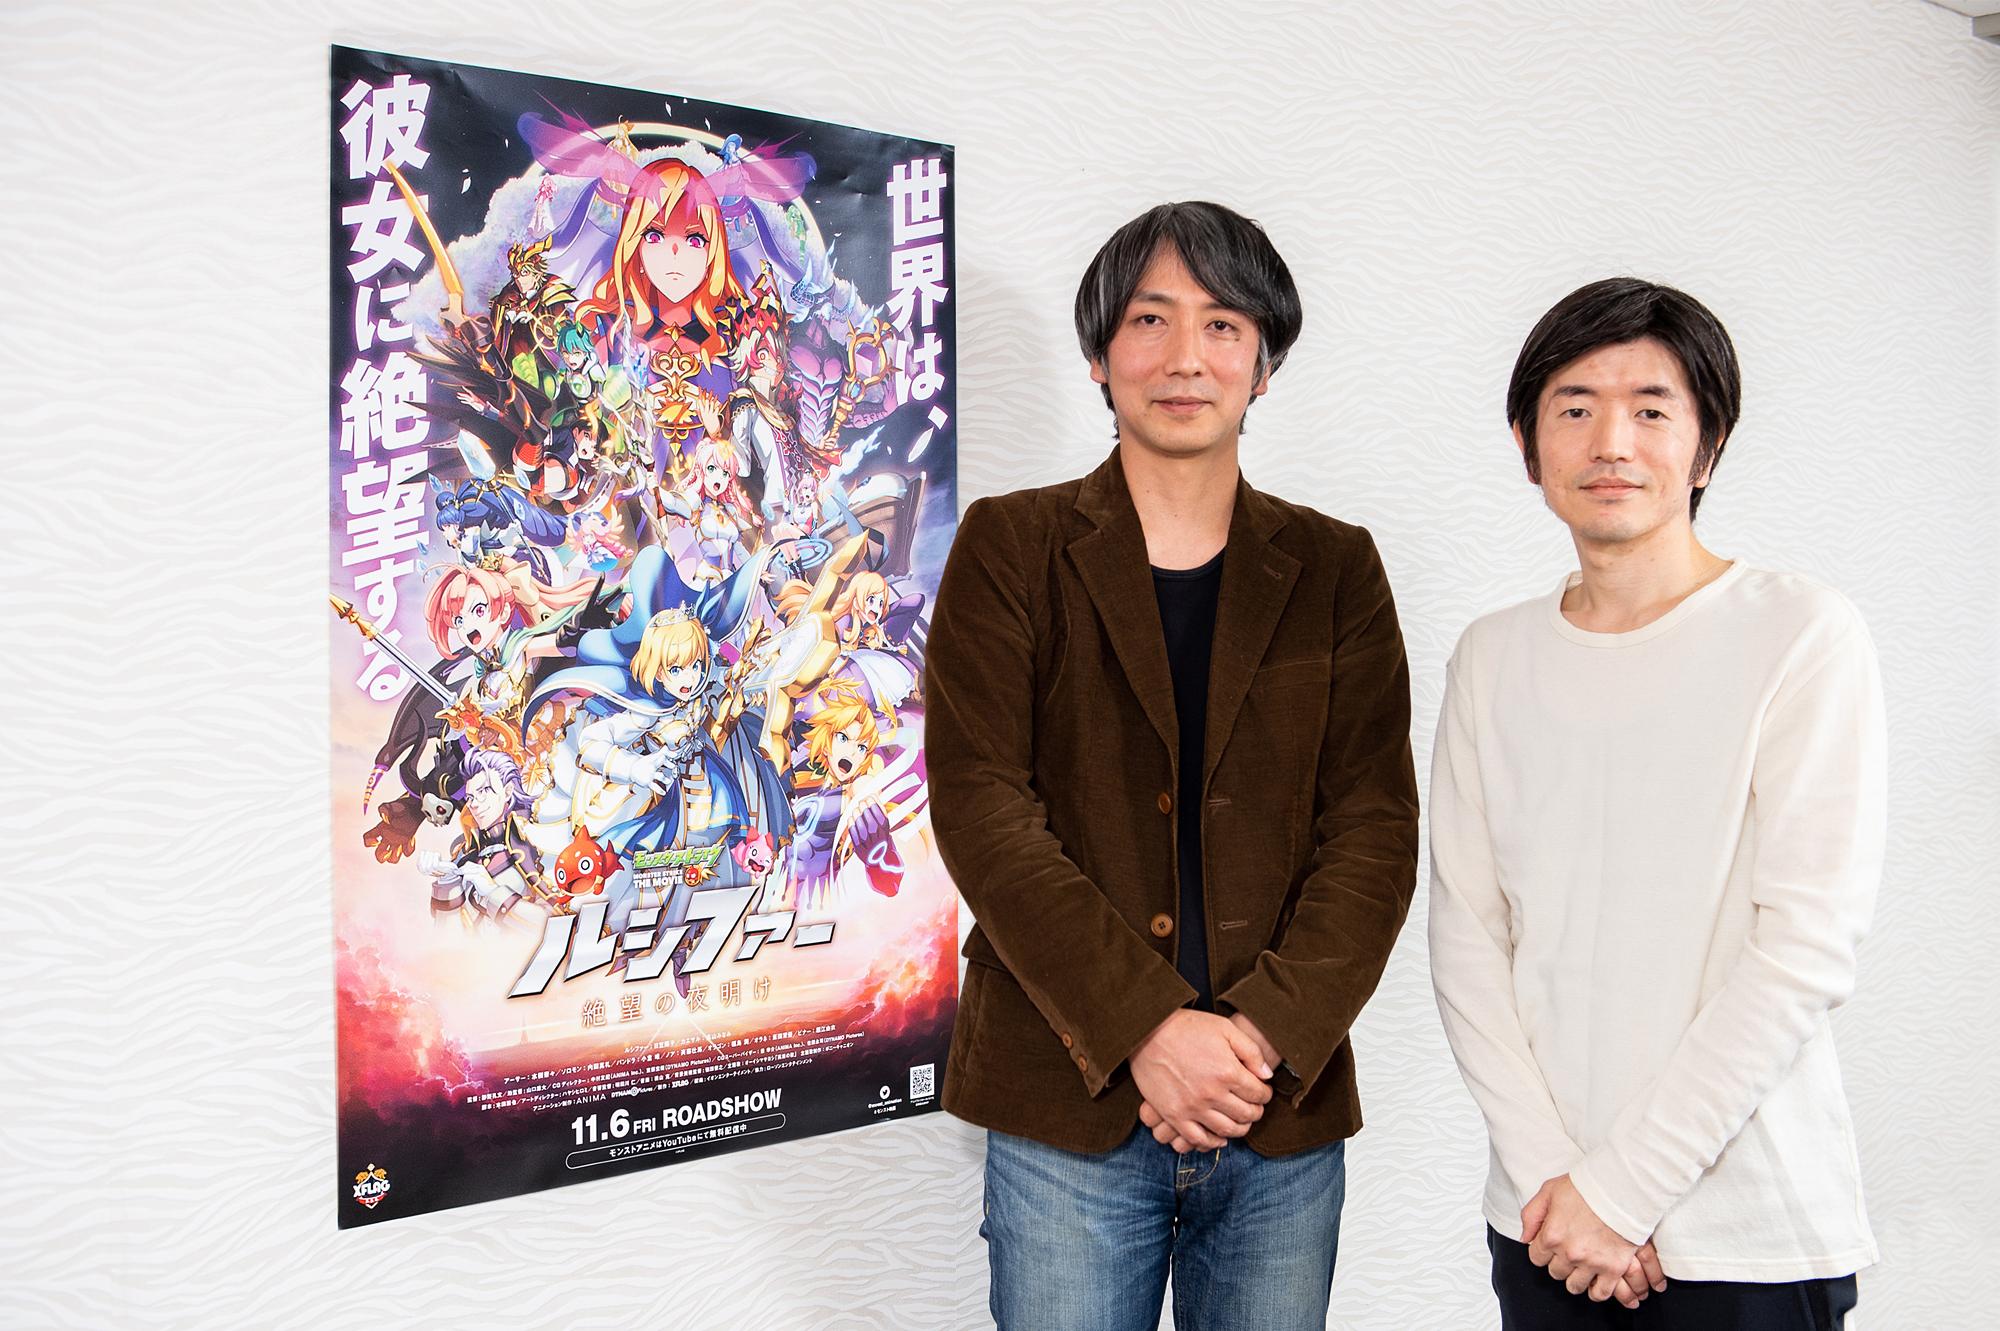 """[画像] シンプルな""""驚き""""と""""泣き""""、そしてCGの「高度なリアリティ」 劇場版『モンストアニメ』は""""日本のアニメ業界の現在""""が詰まっている"""